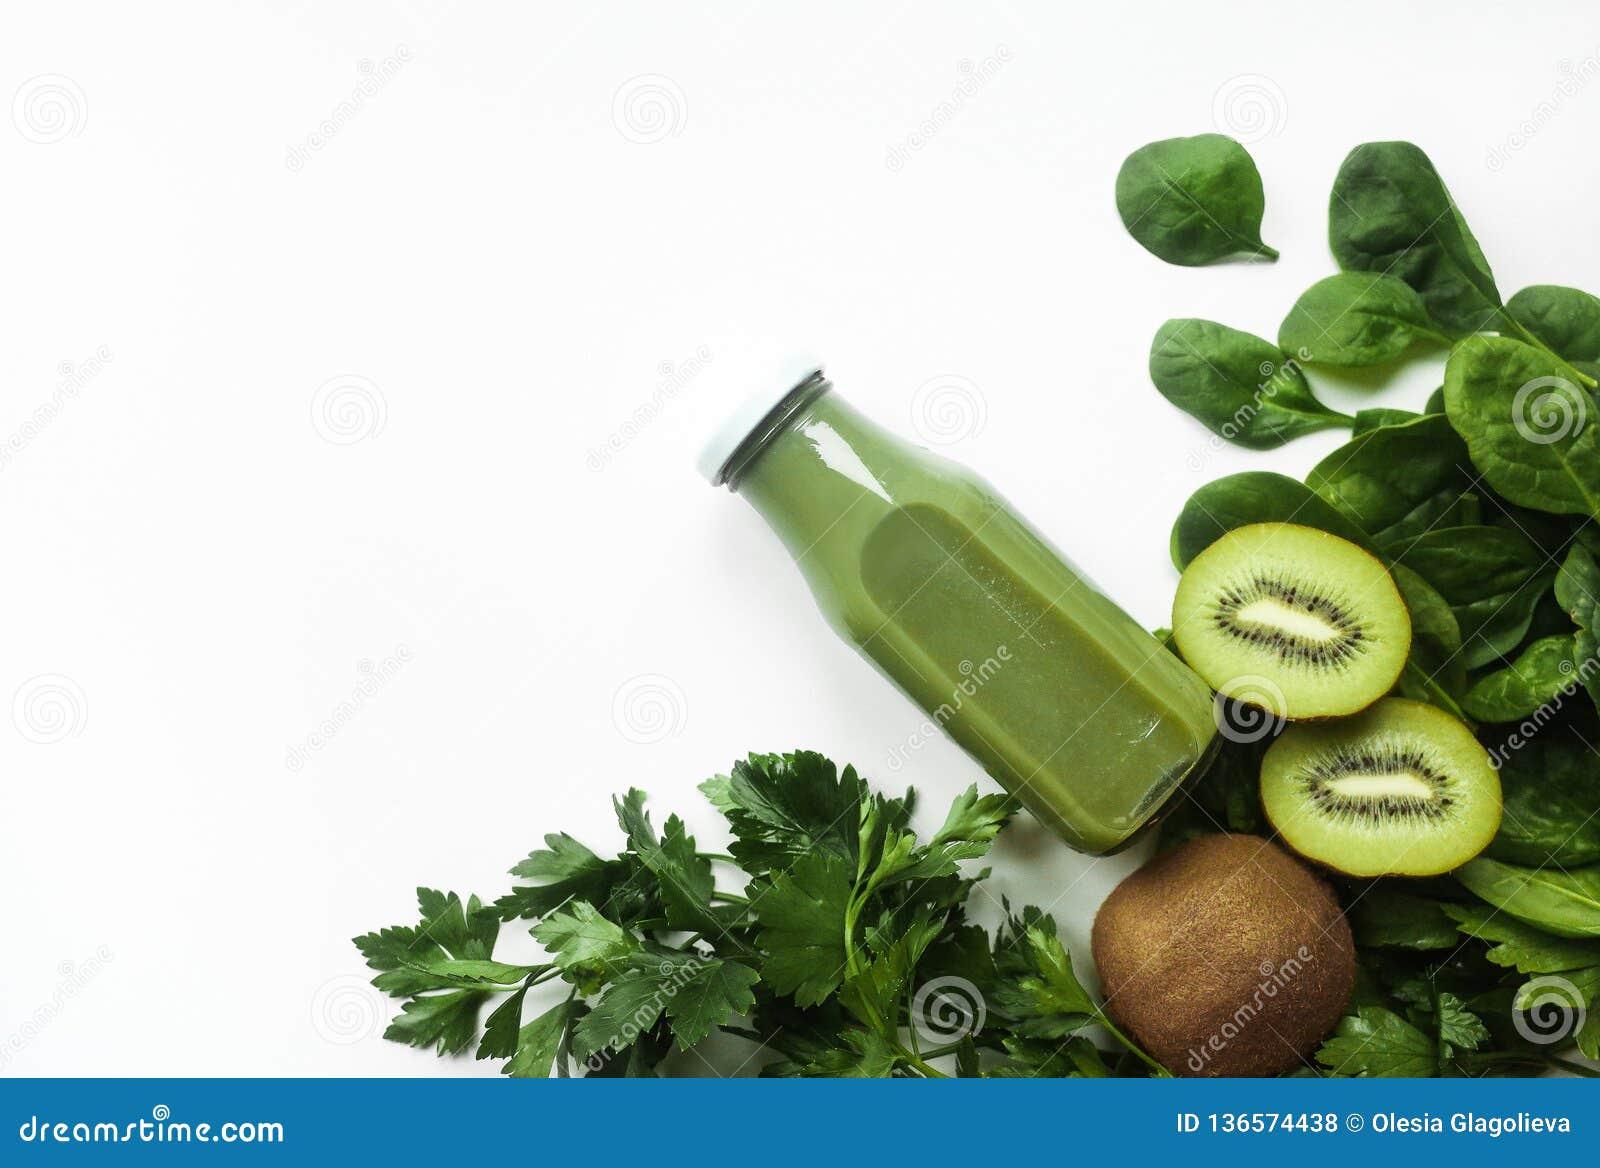 Gesunder grüner Smoothie oder Saft und Bestandteile auf weiß- superfoods, Detox, Diät, Gesundheit, vegetarisches Nahrungsmittelko